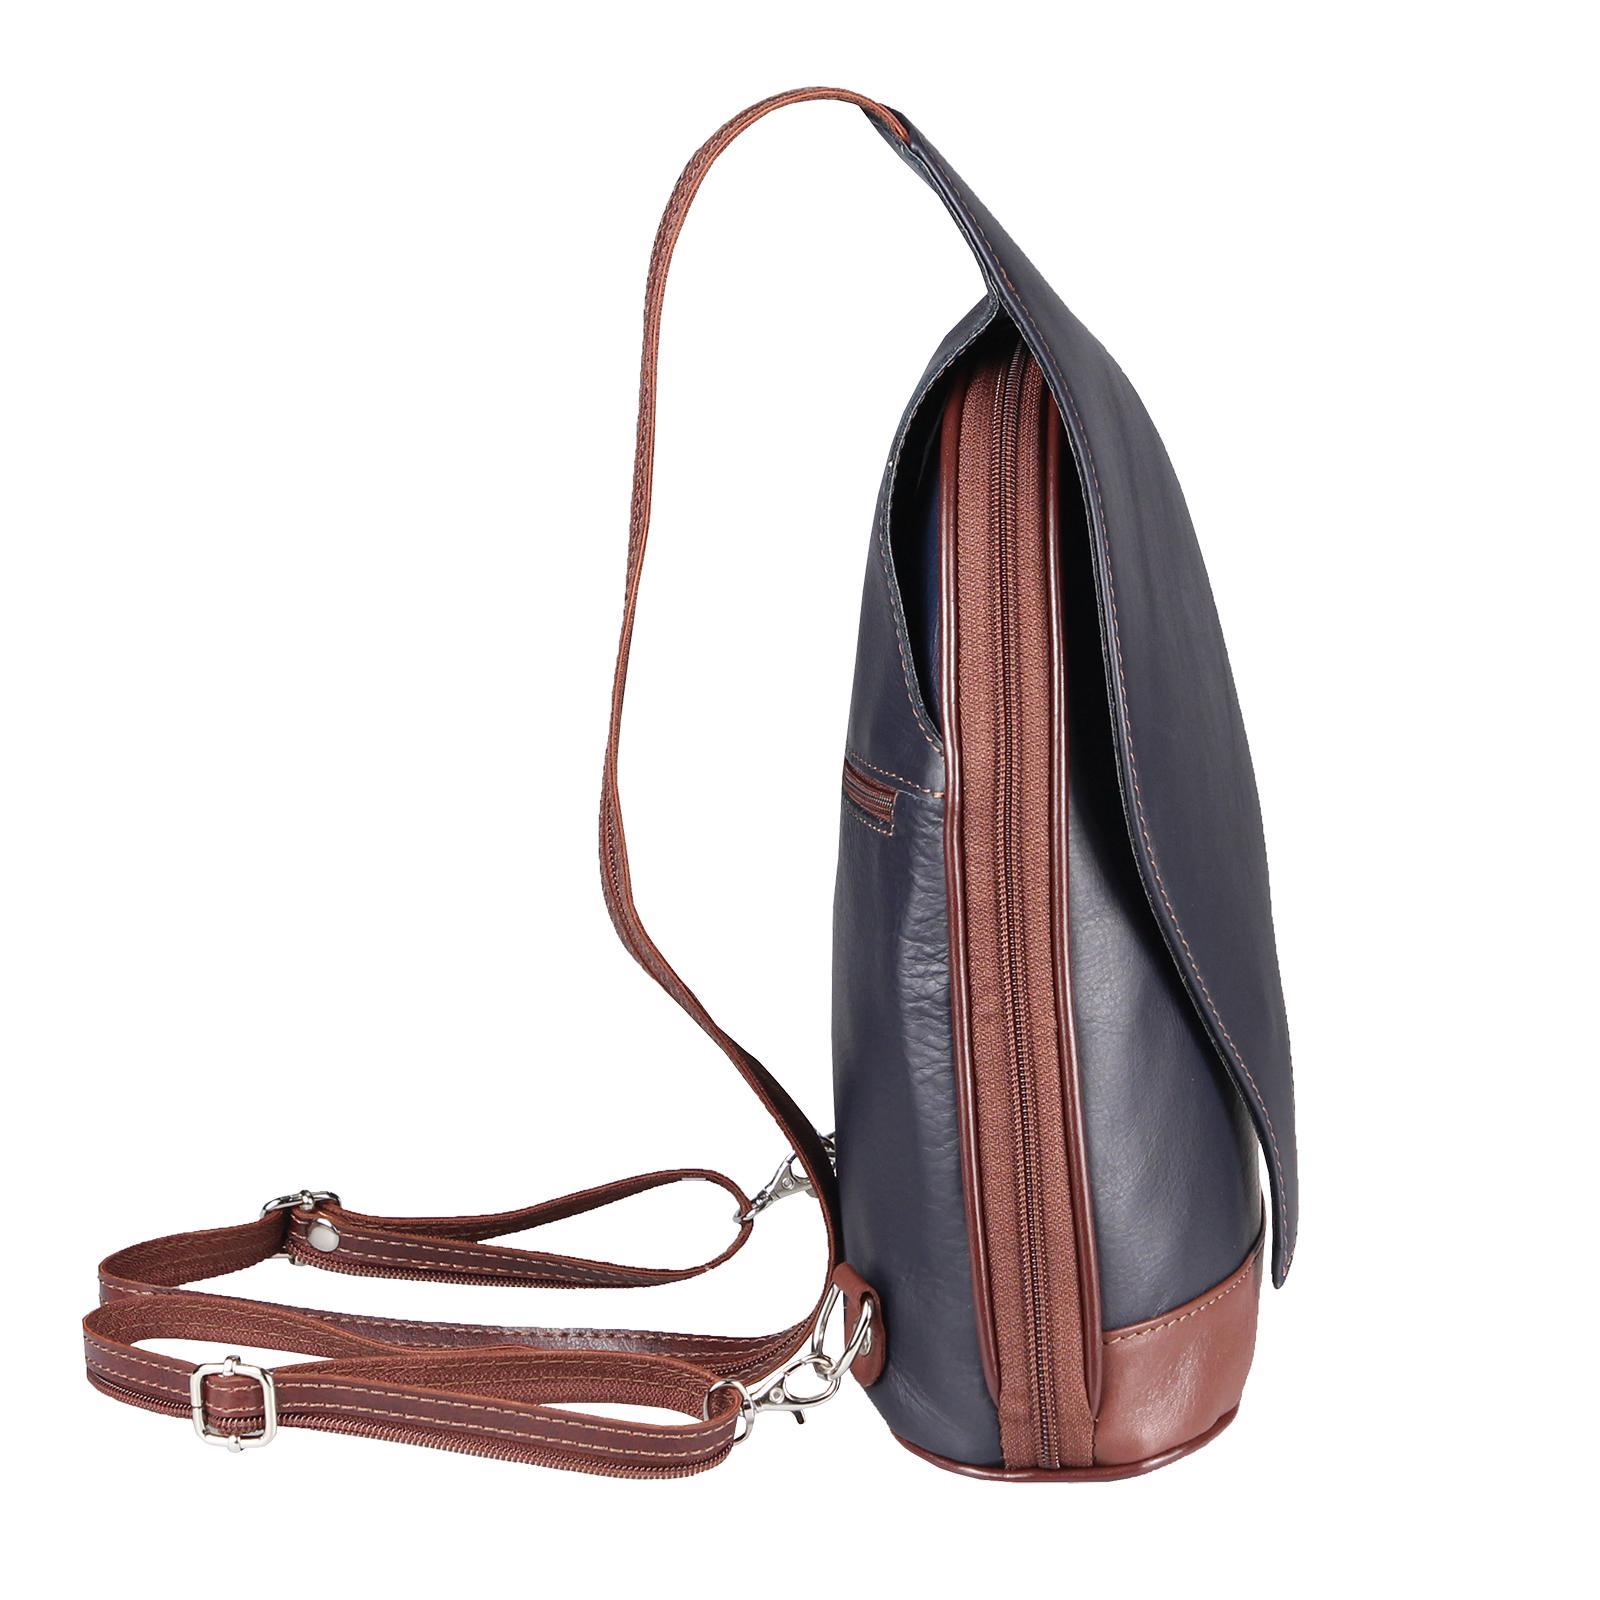 ITALY-DAMEN-LEDER-RUCKSACK-Schulter-Tasche-Reise-BACKPACK-Lederrucksack-it-BAG Indexbild 93